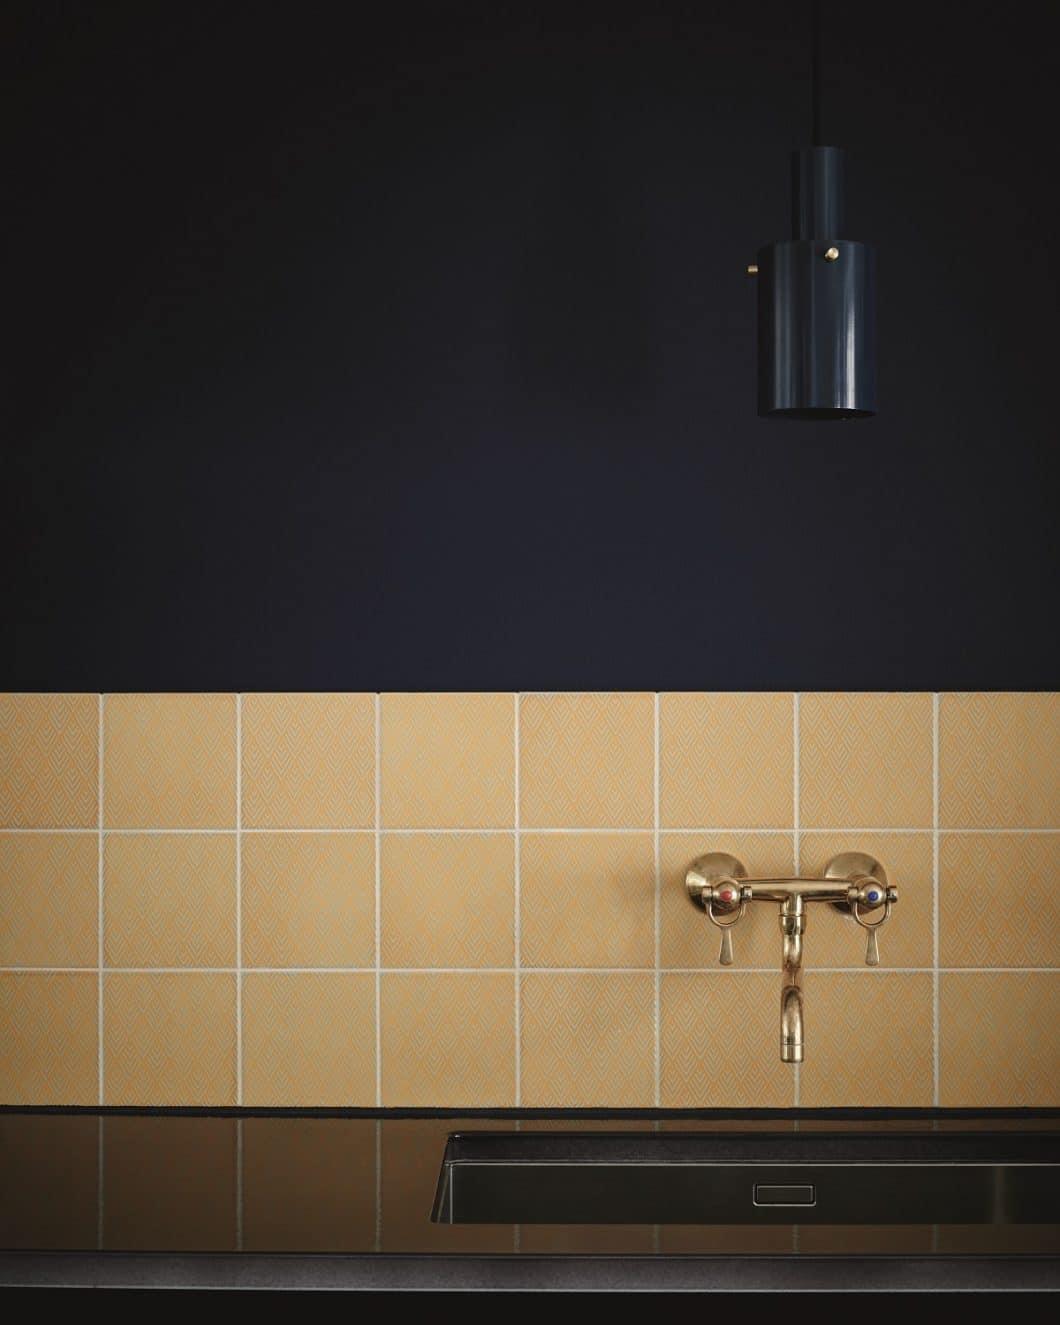 Die Schönheit liegt im Detail: Eine funktionale Fliesenwand als Spritzschutz in der Küche kann, mit den richtigen Kacheln, maßgeblich den Einrichtungsstil beeinflussen. (Foto: File Under Pop)